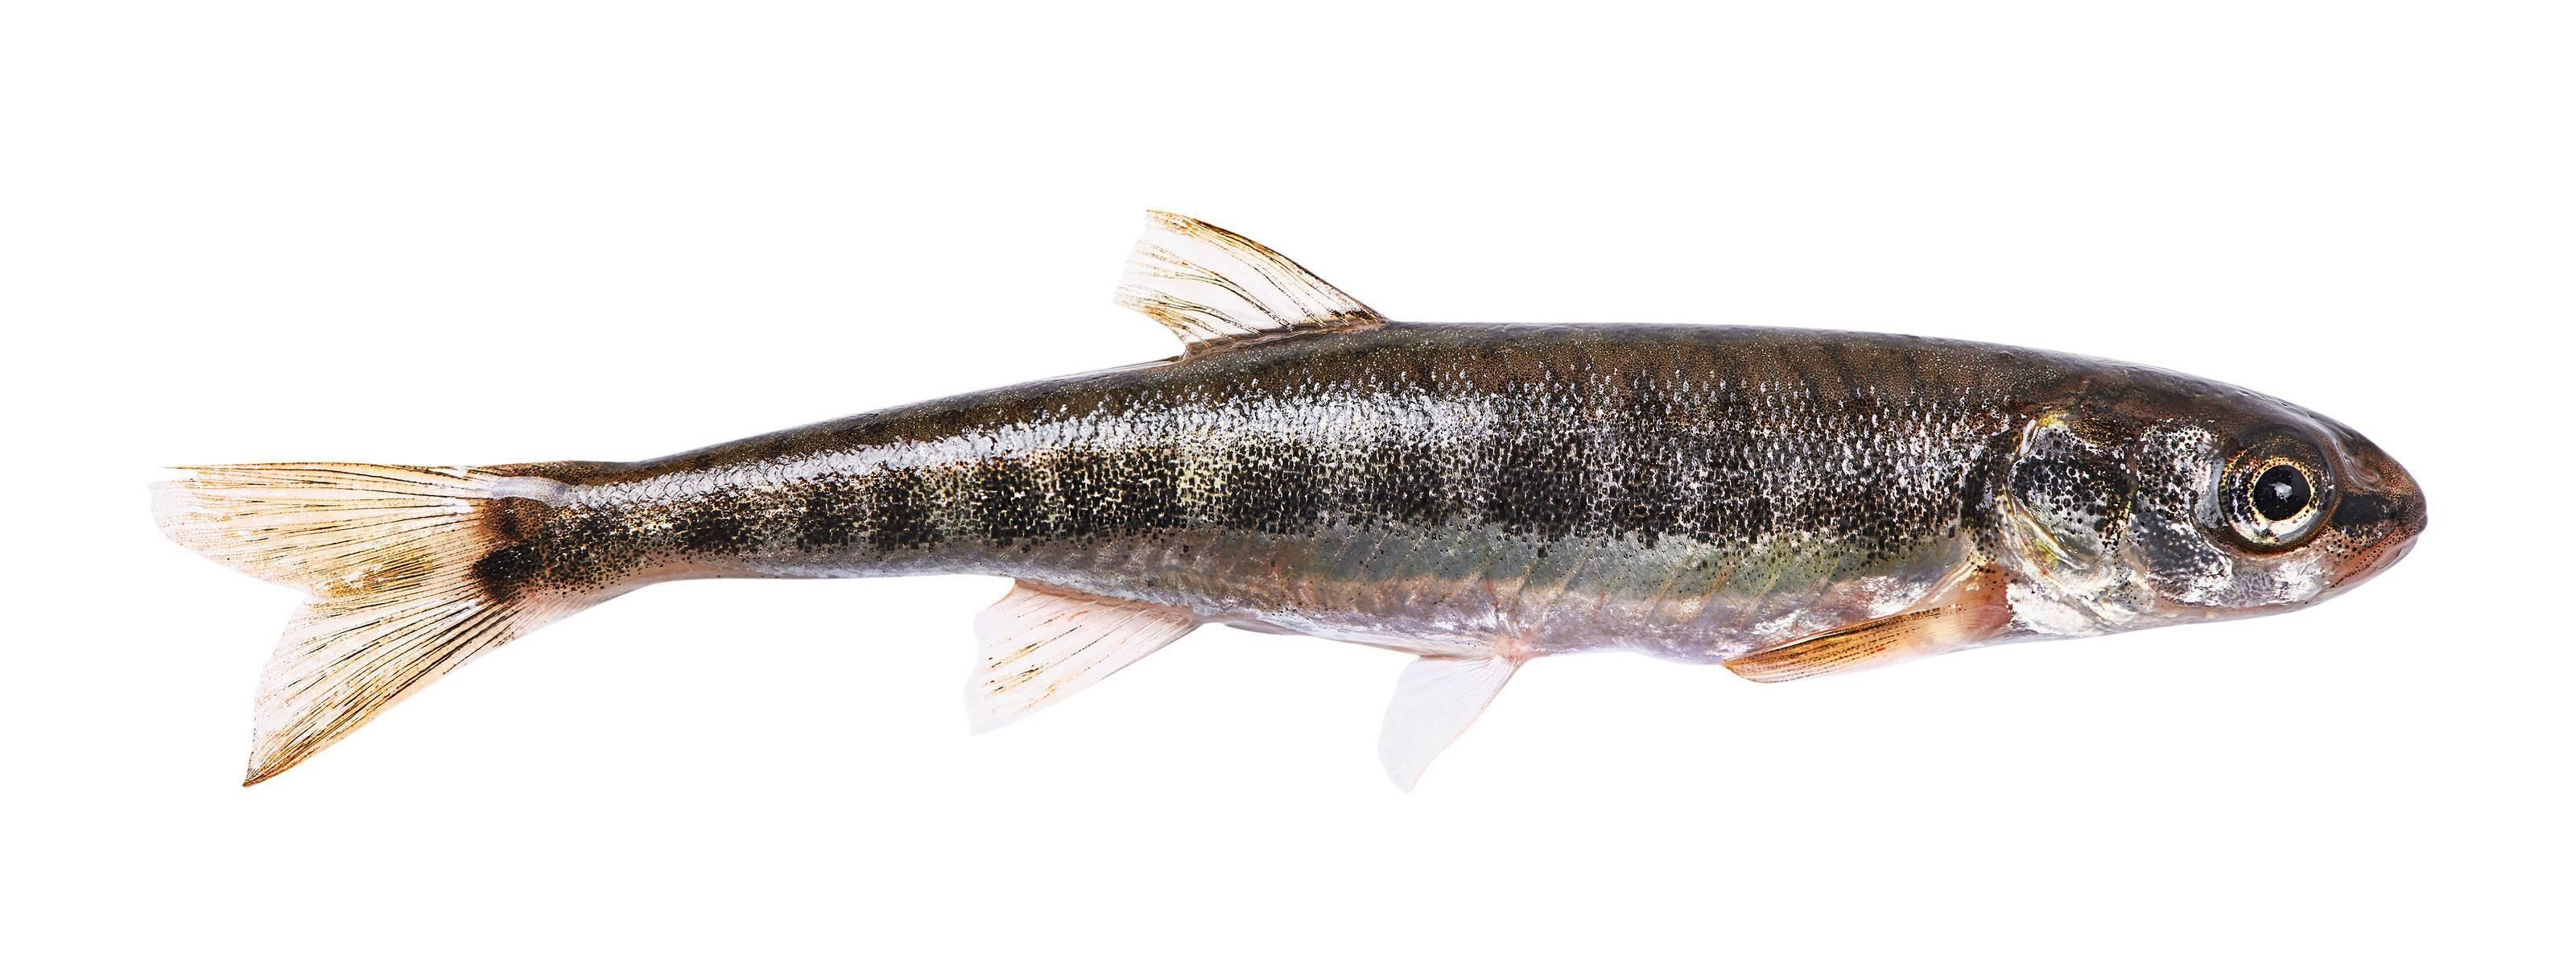 Рыба гольян – описание, поведение. снасти для ловли гольяна.